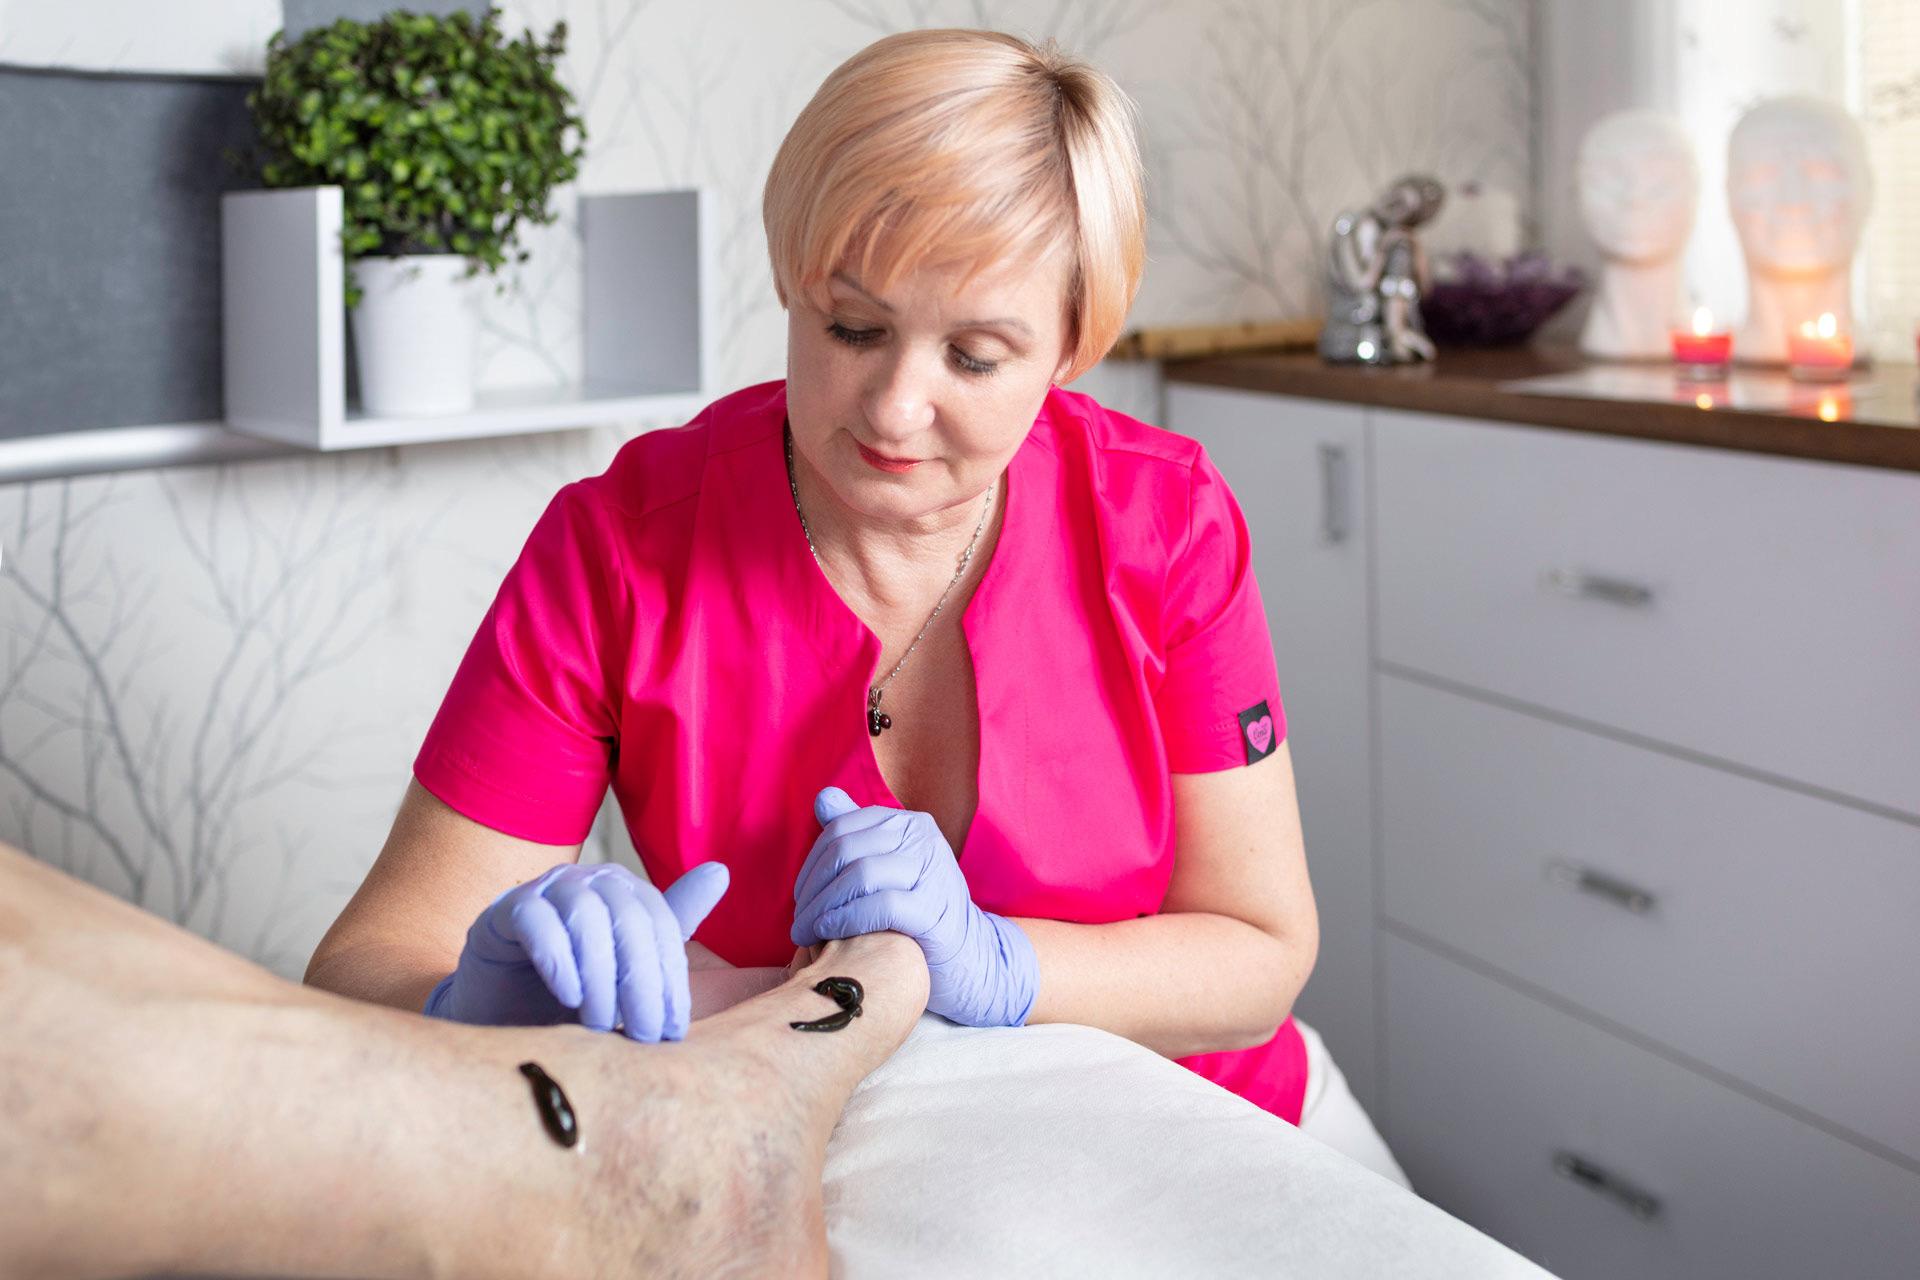 hirudoterapia pijawki